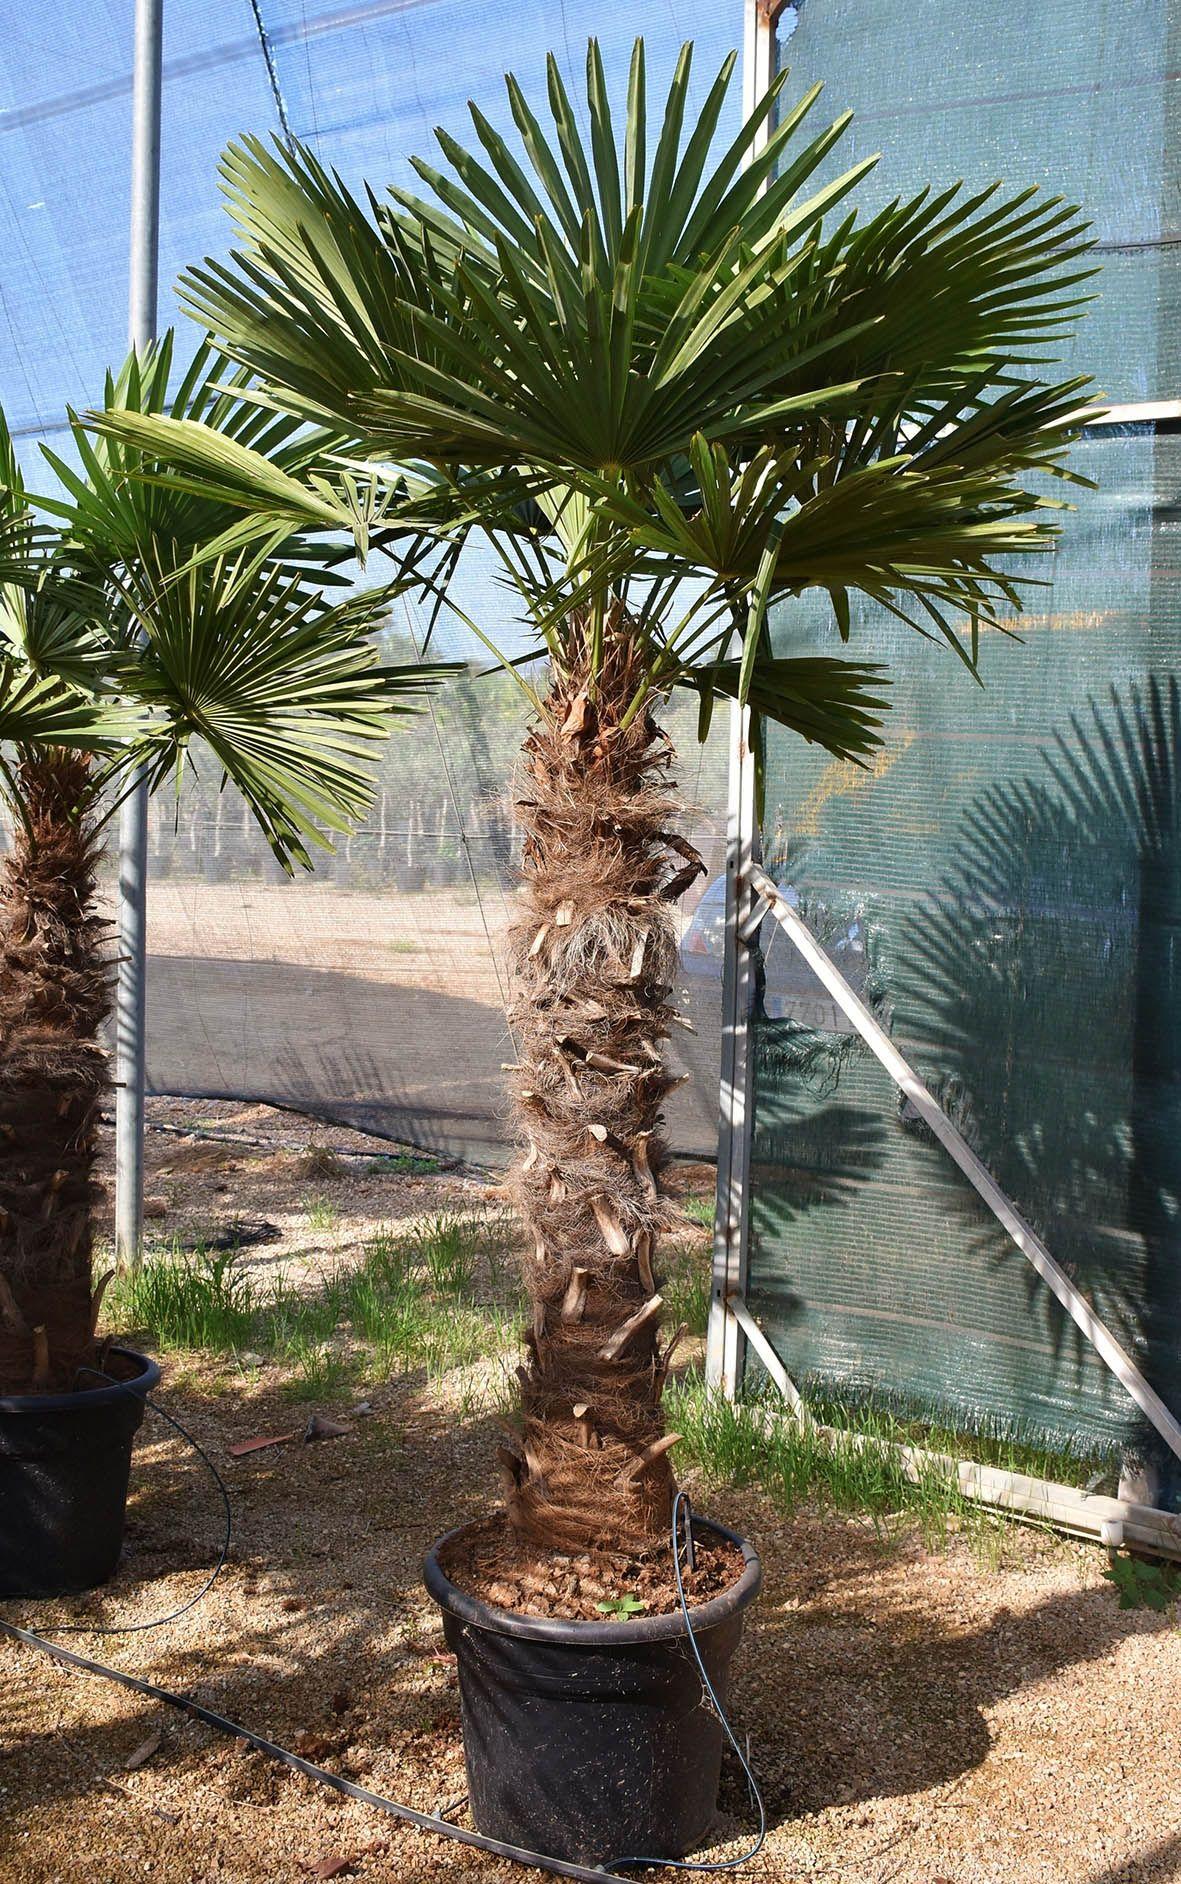 Hanfpalme Fortunei Winterhart 120 140 Stamm Sonderpreis Nutzen Sie Unseren Sonderpreis Und Sichern Sie Sich Jetzt Ihr Hanfpalme Palmen Garten Winterhart